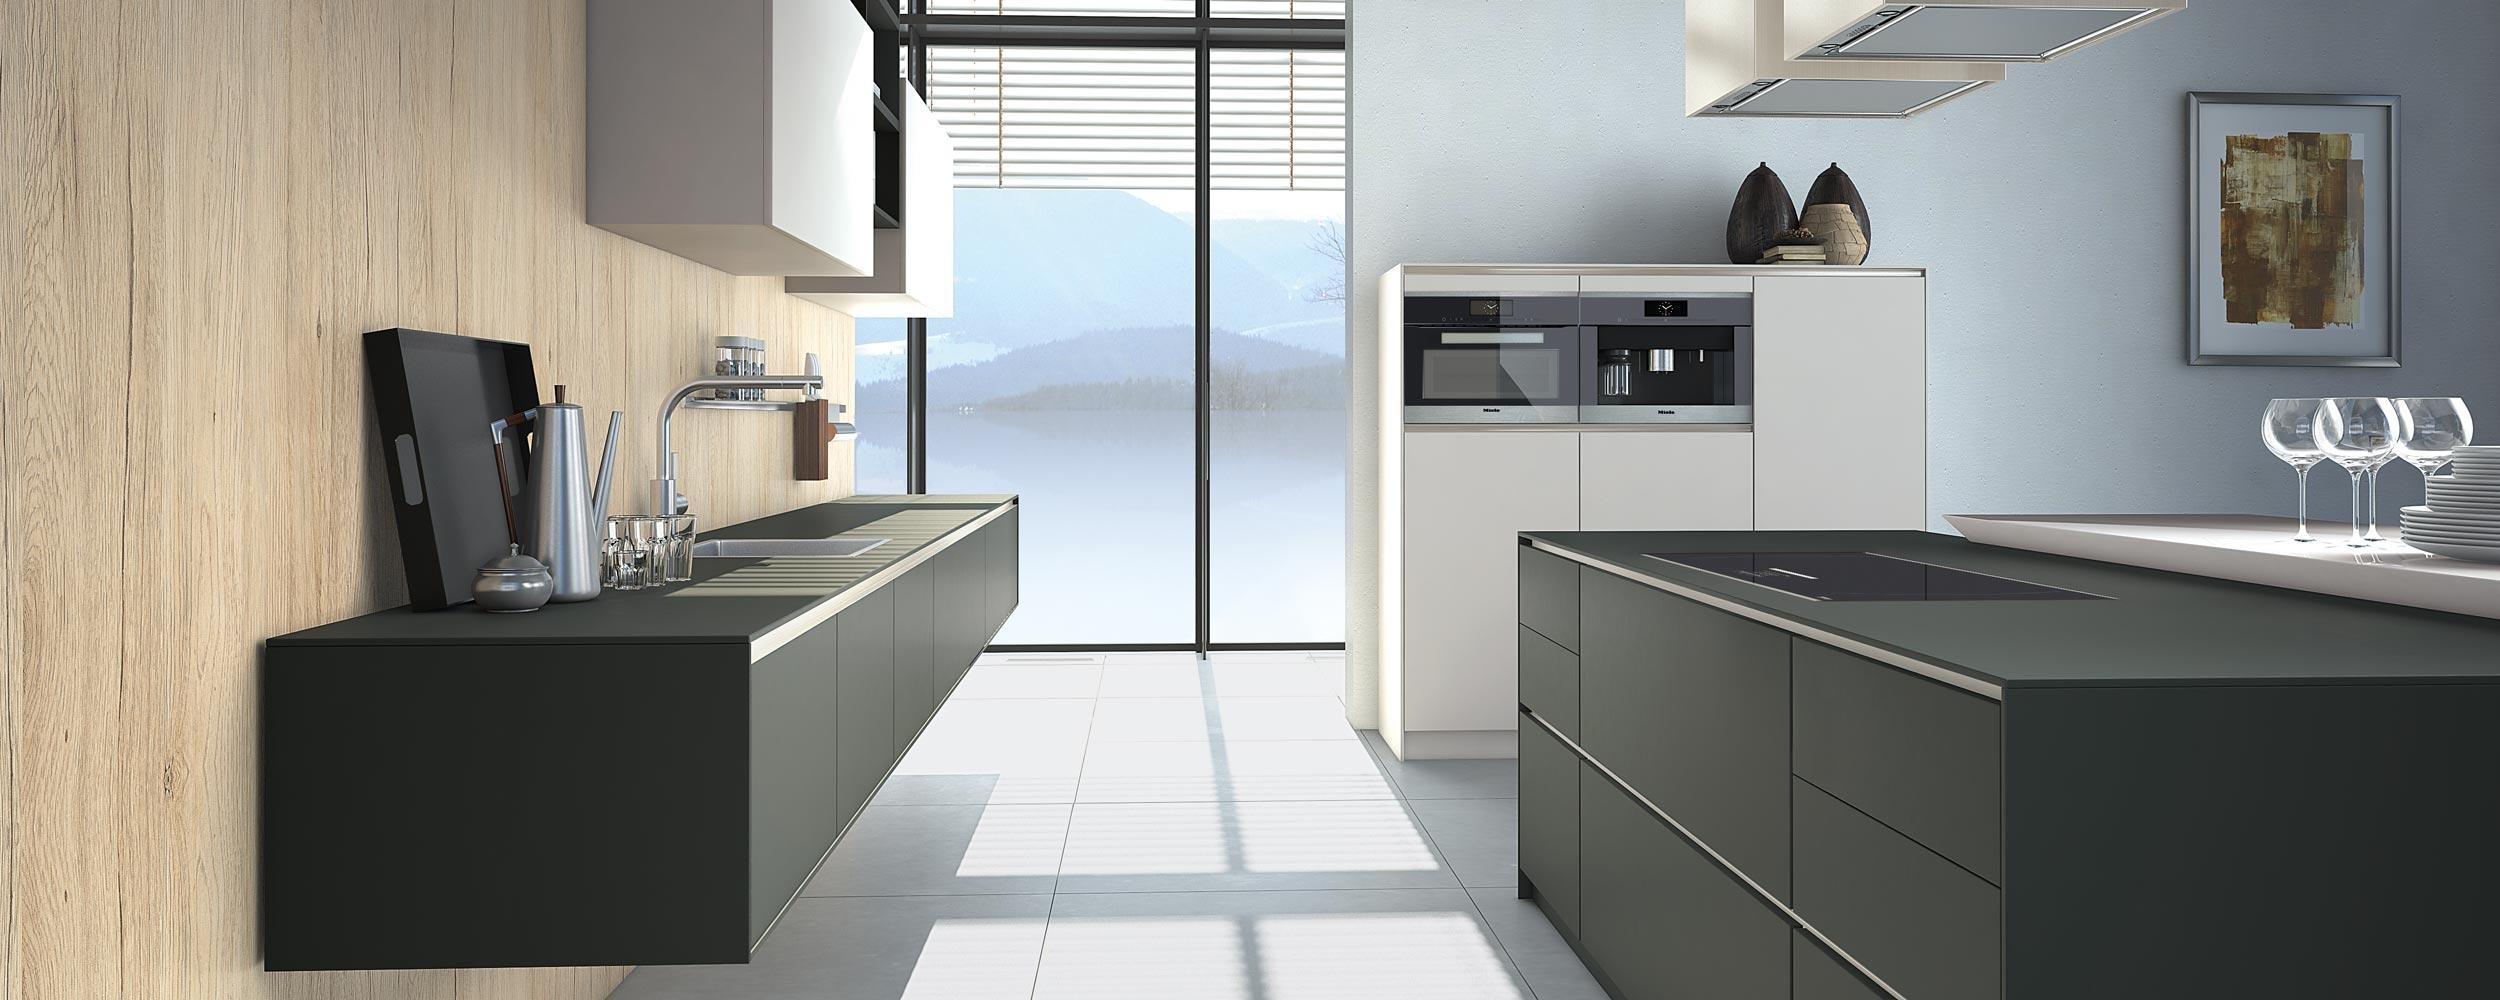 modern-kitchen-design-dunfermline